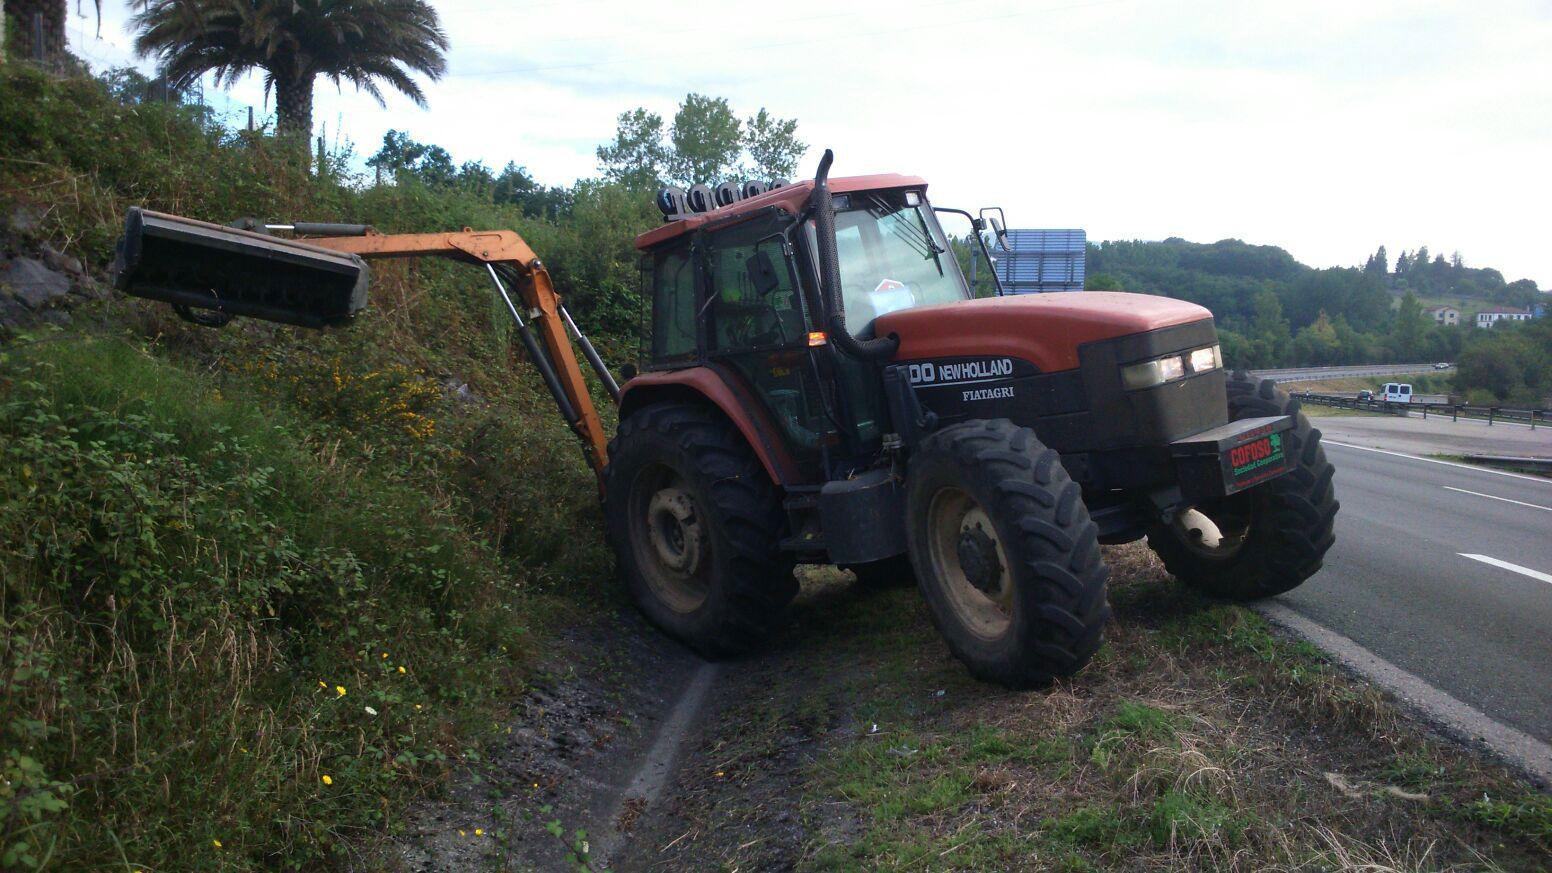 Desbroces, limpiezas y conservación de viales: Servicios de Cofoso